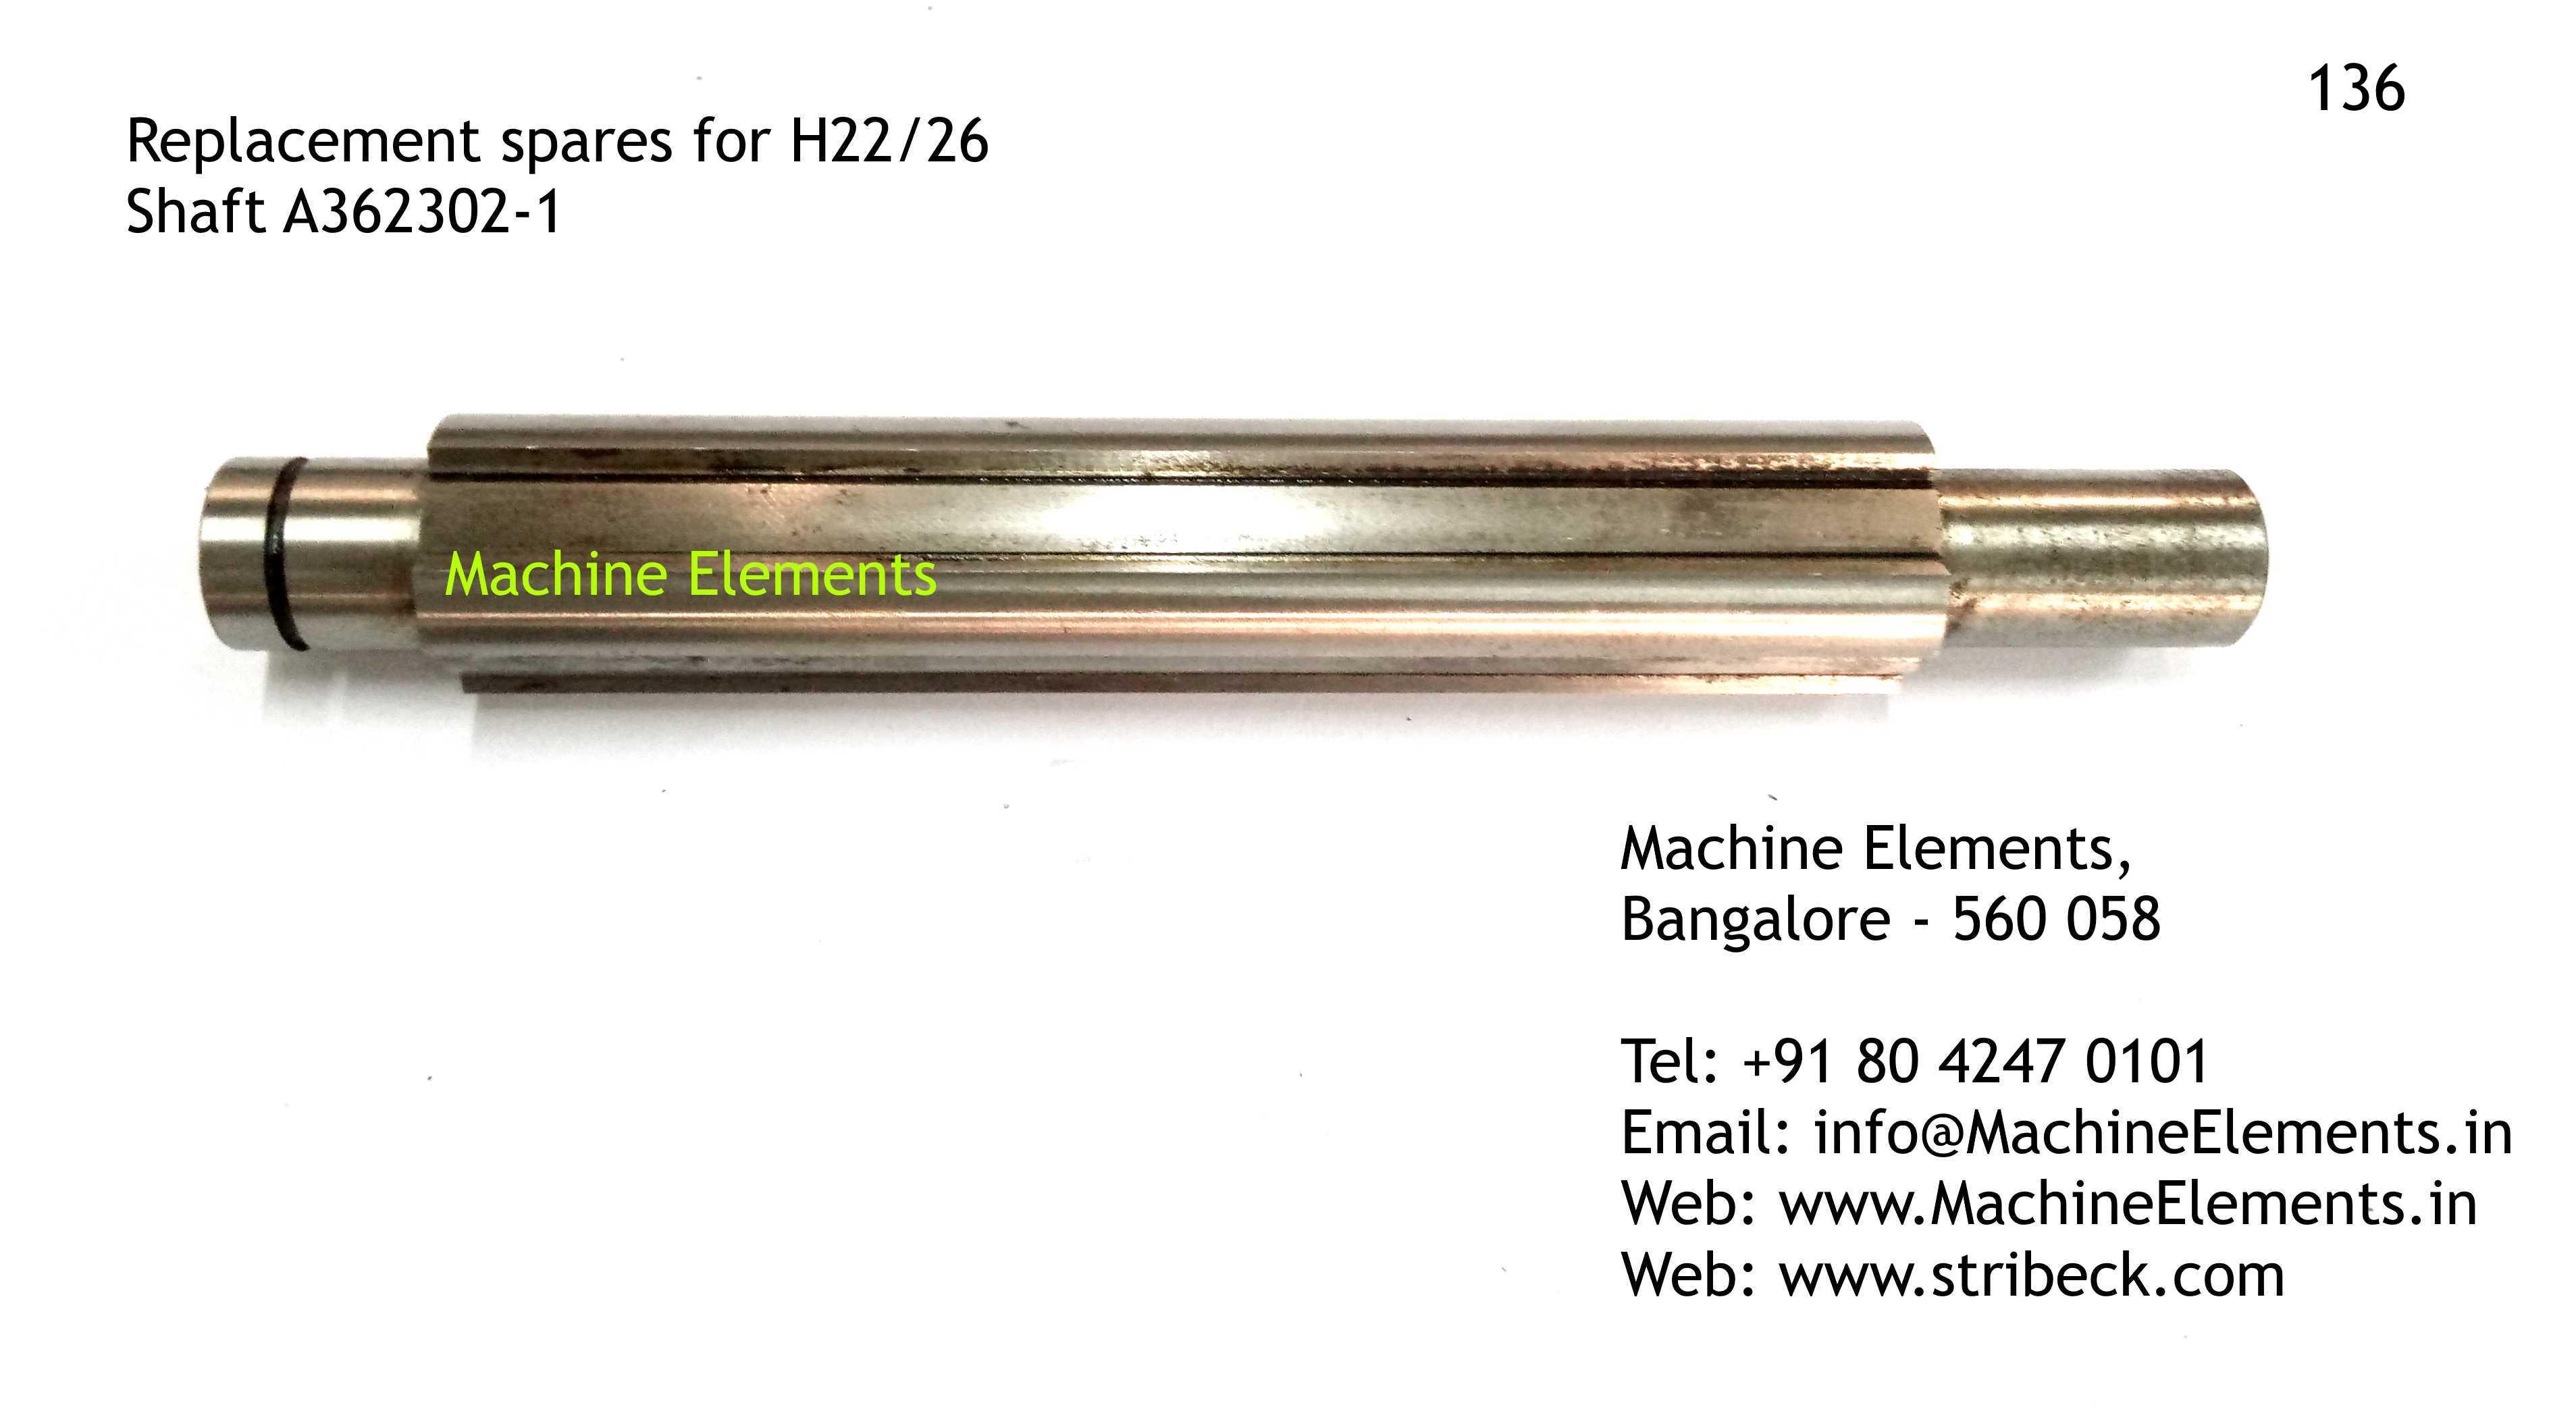 Shaft A362302-1